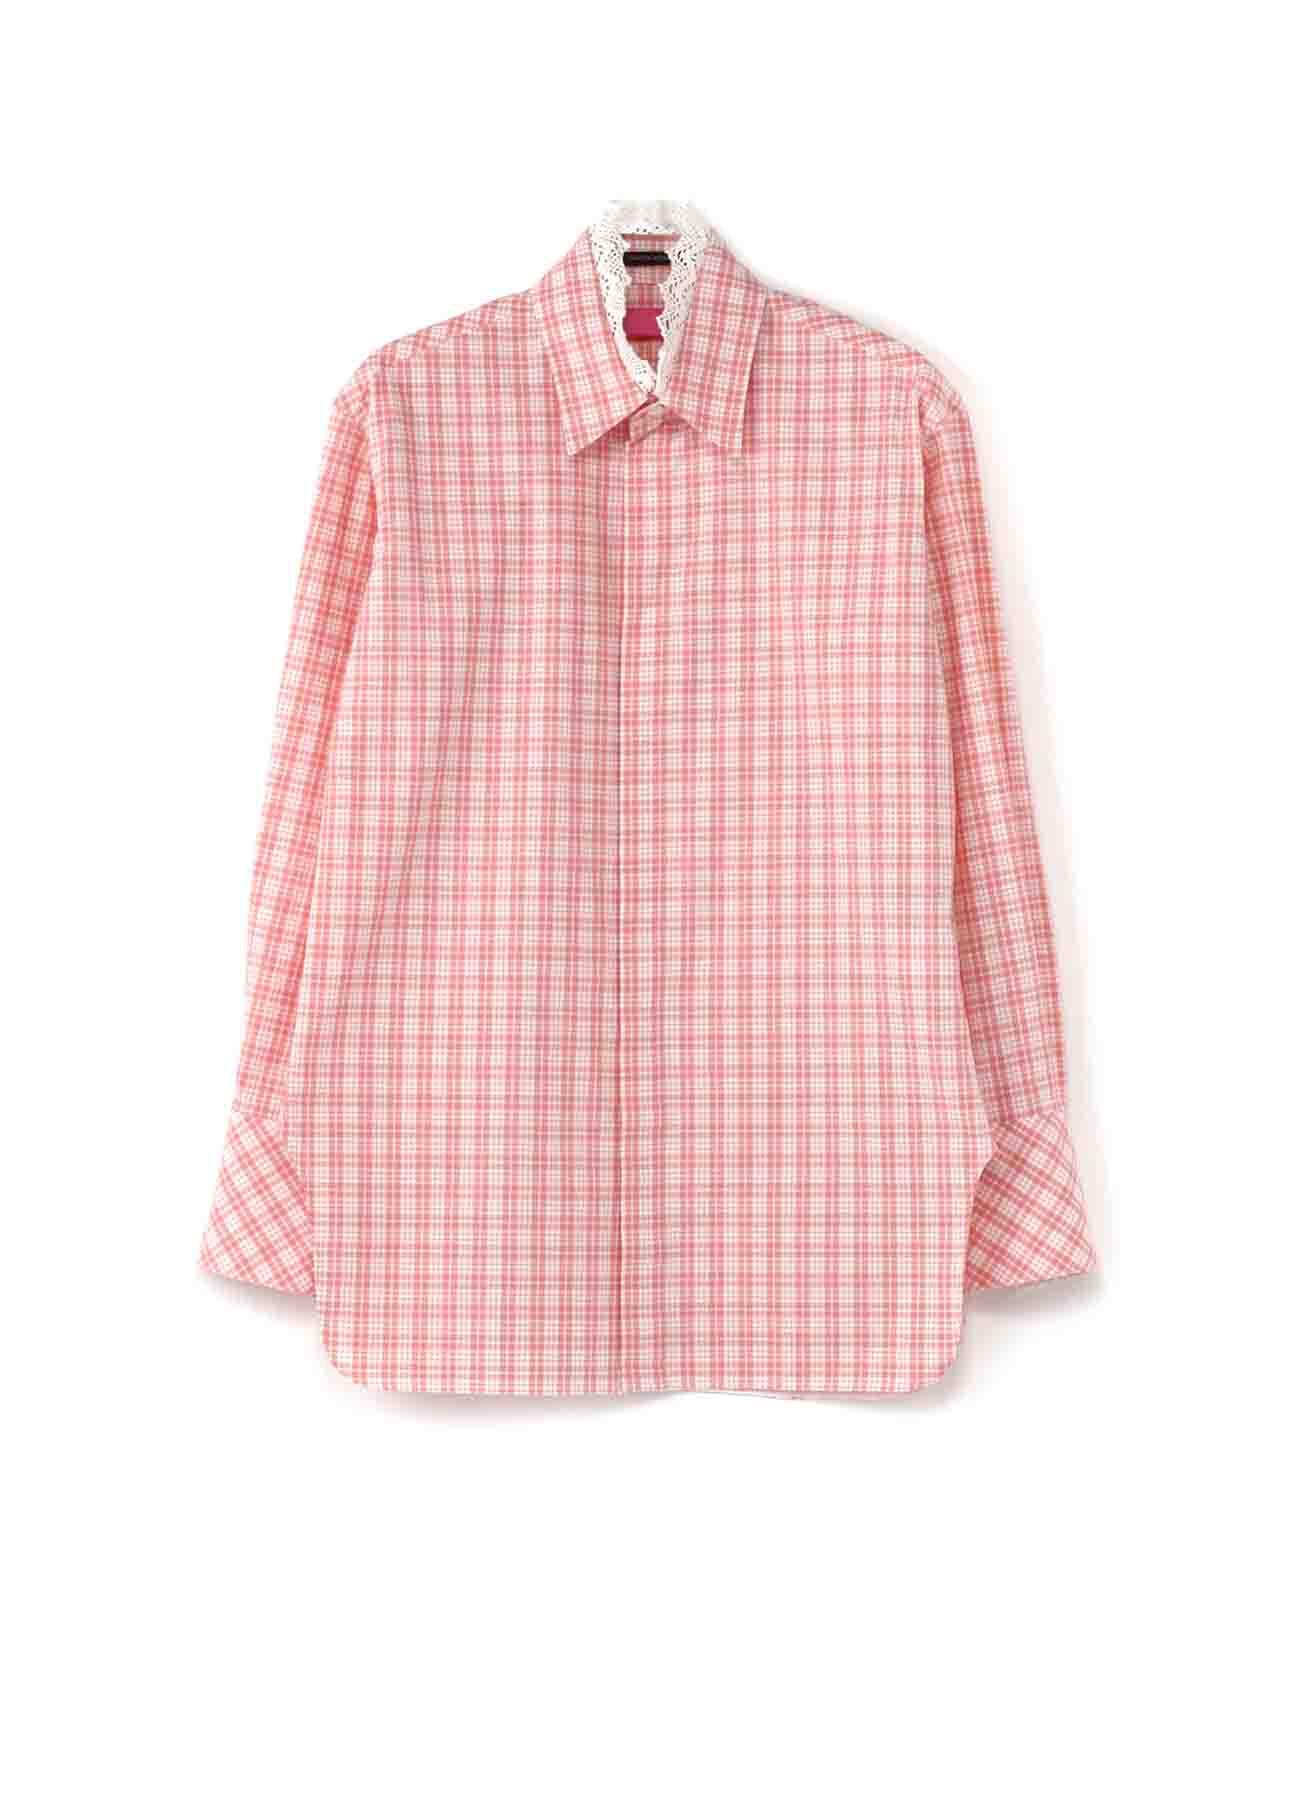 Y'SPINK蕾丝棉质格子格子衬衫